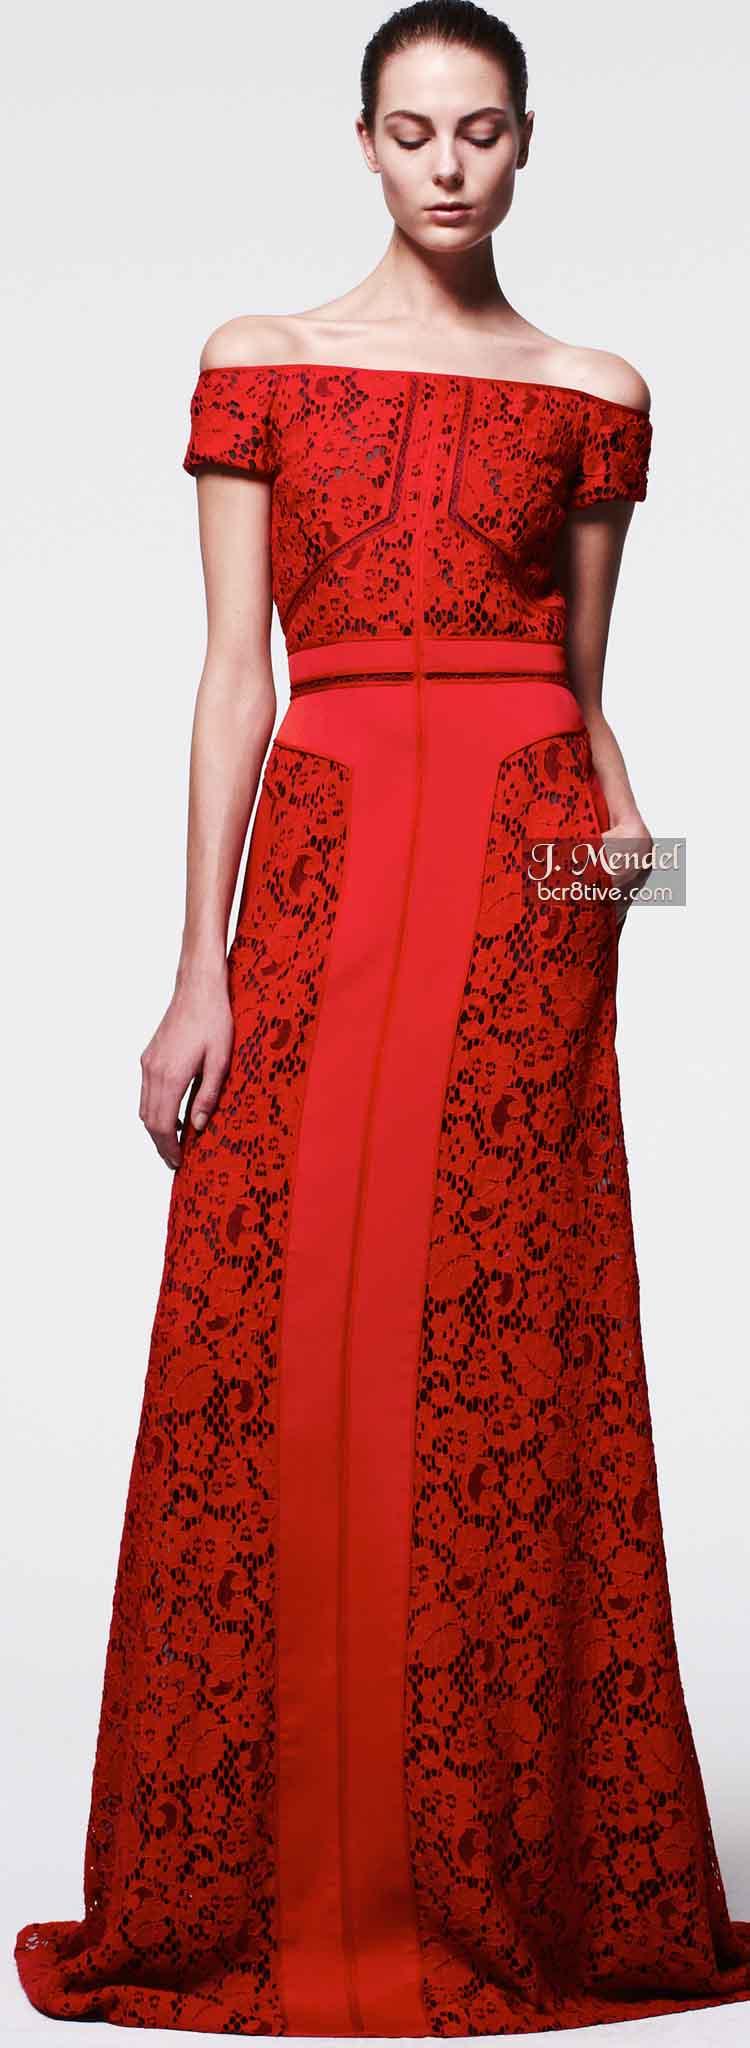 J Mendel Evening Dresses – Fashion dresses